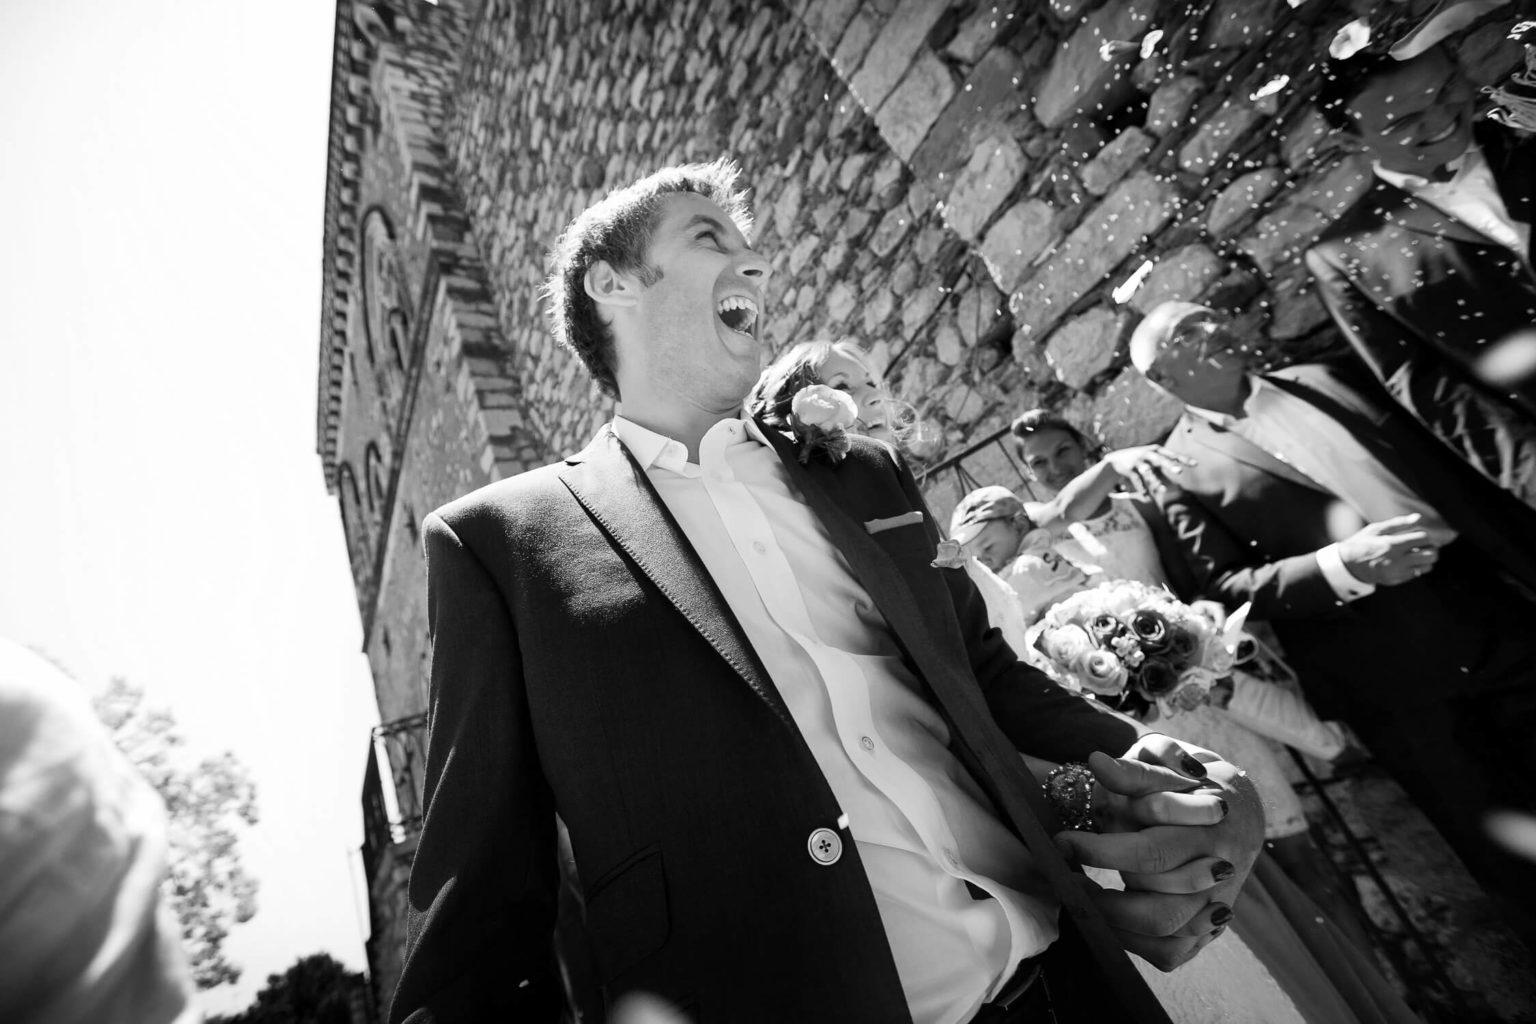 Lancio riso allo sposo, una foto di matrimonio in bianco e nero di Nino Lombardo